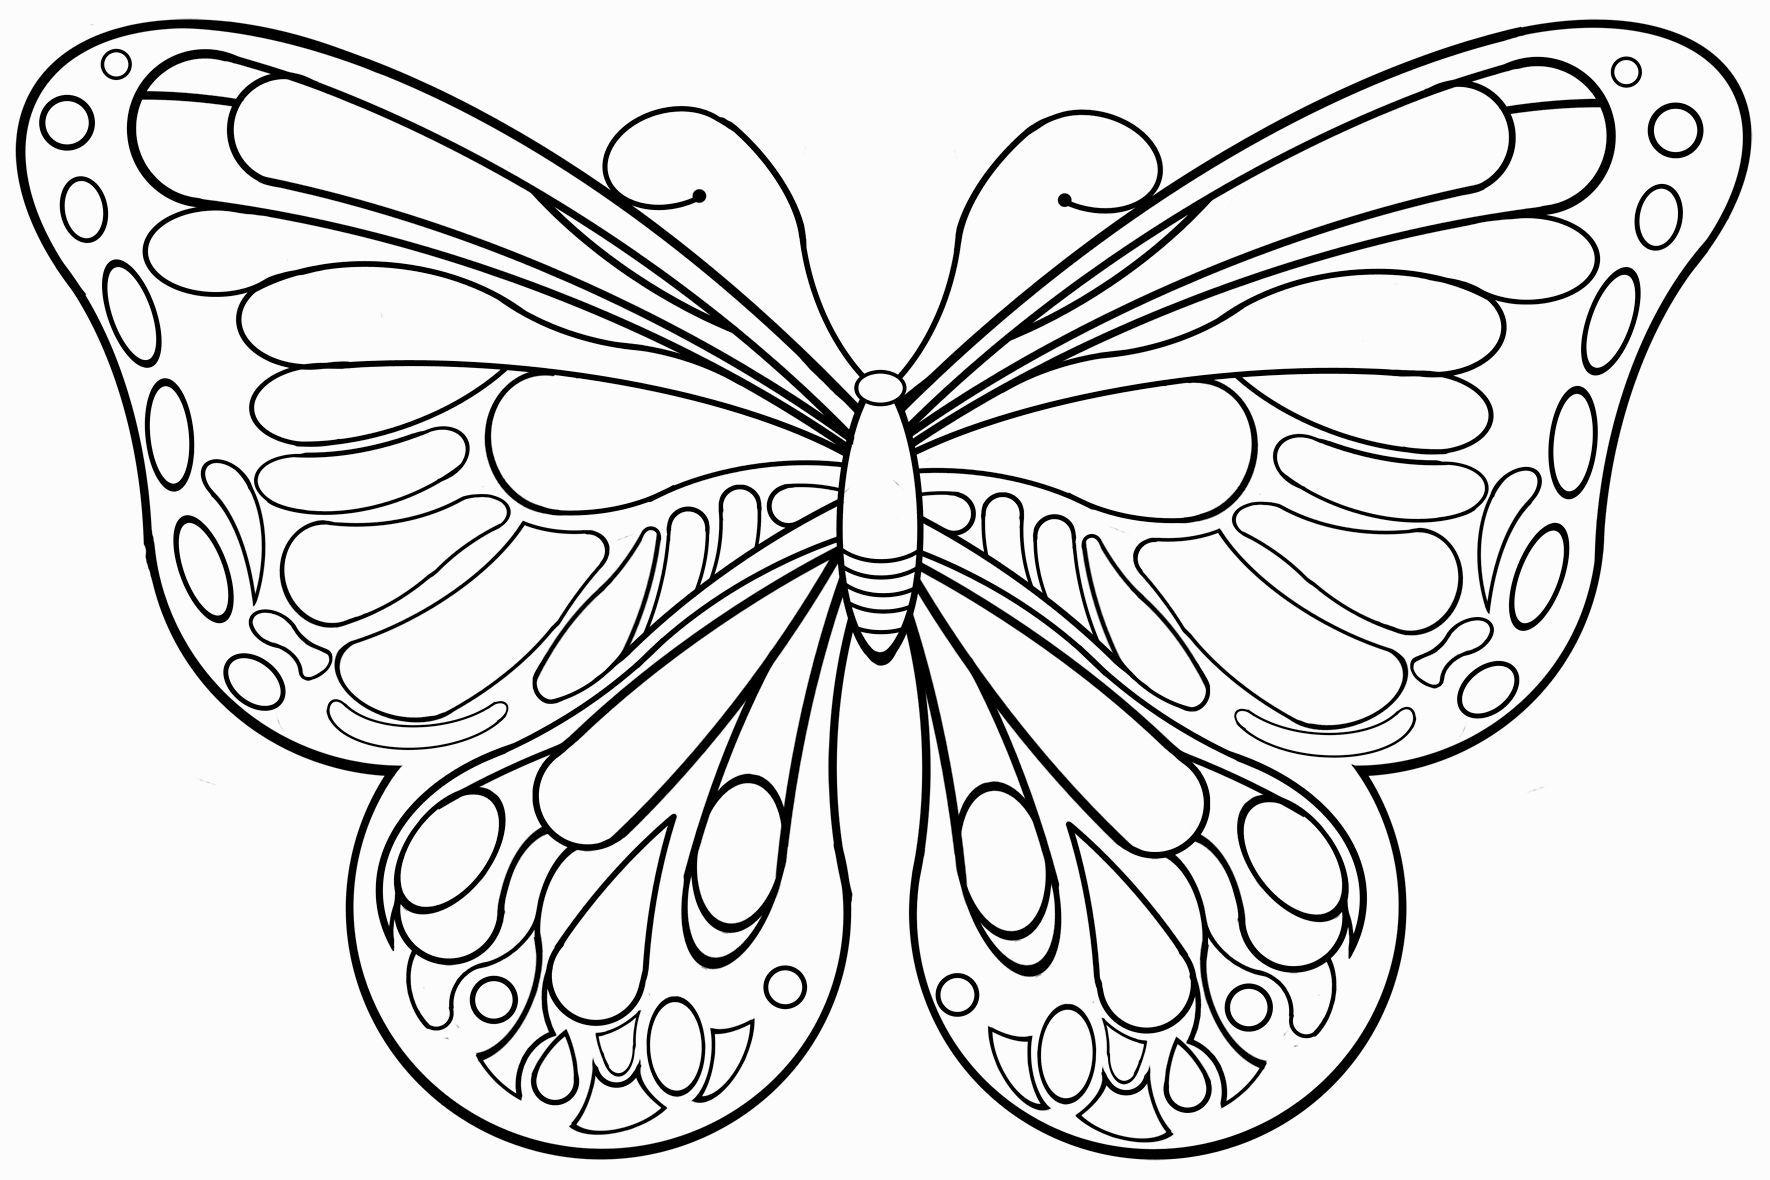 Die Besten 20 Schmetterlinge Ausmalbilder (Mit Bildern verwandt mit Vorlagen Zum Ausmalen